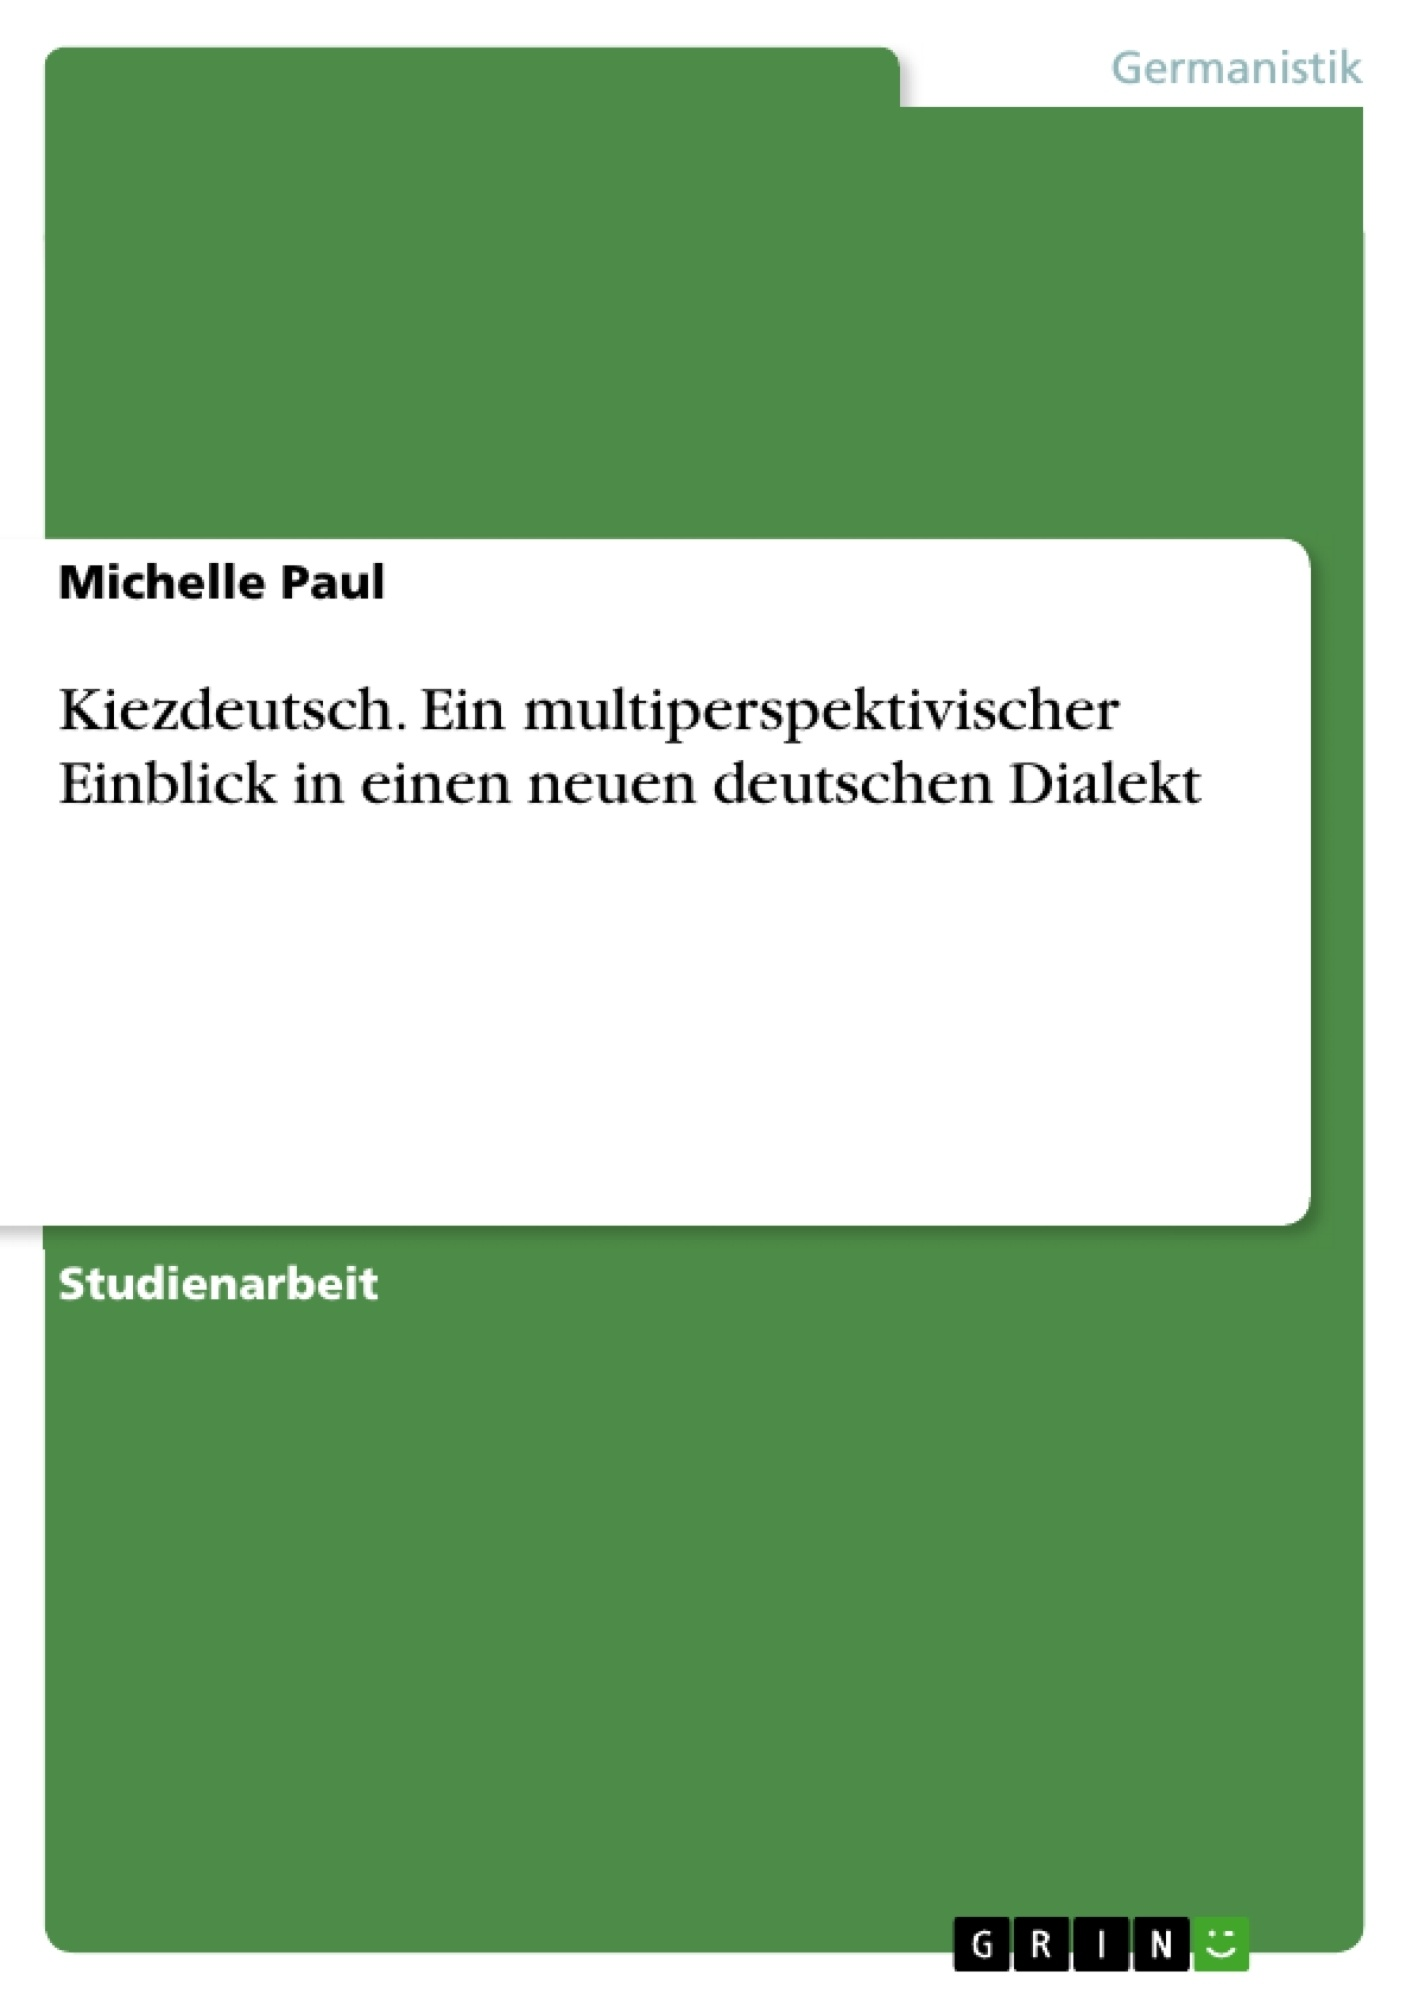 Titel: Kiezdeutsch. Ein multiperspektivischer Einblick in einen neuen deutschen Dialekt